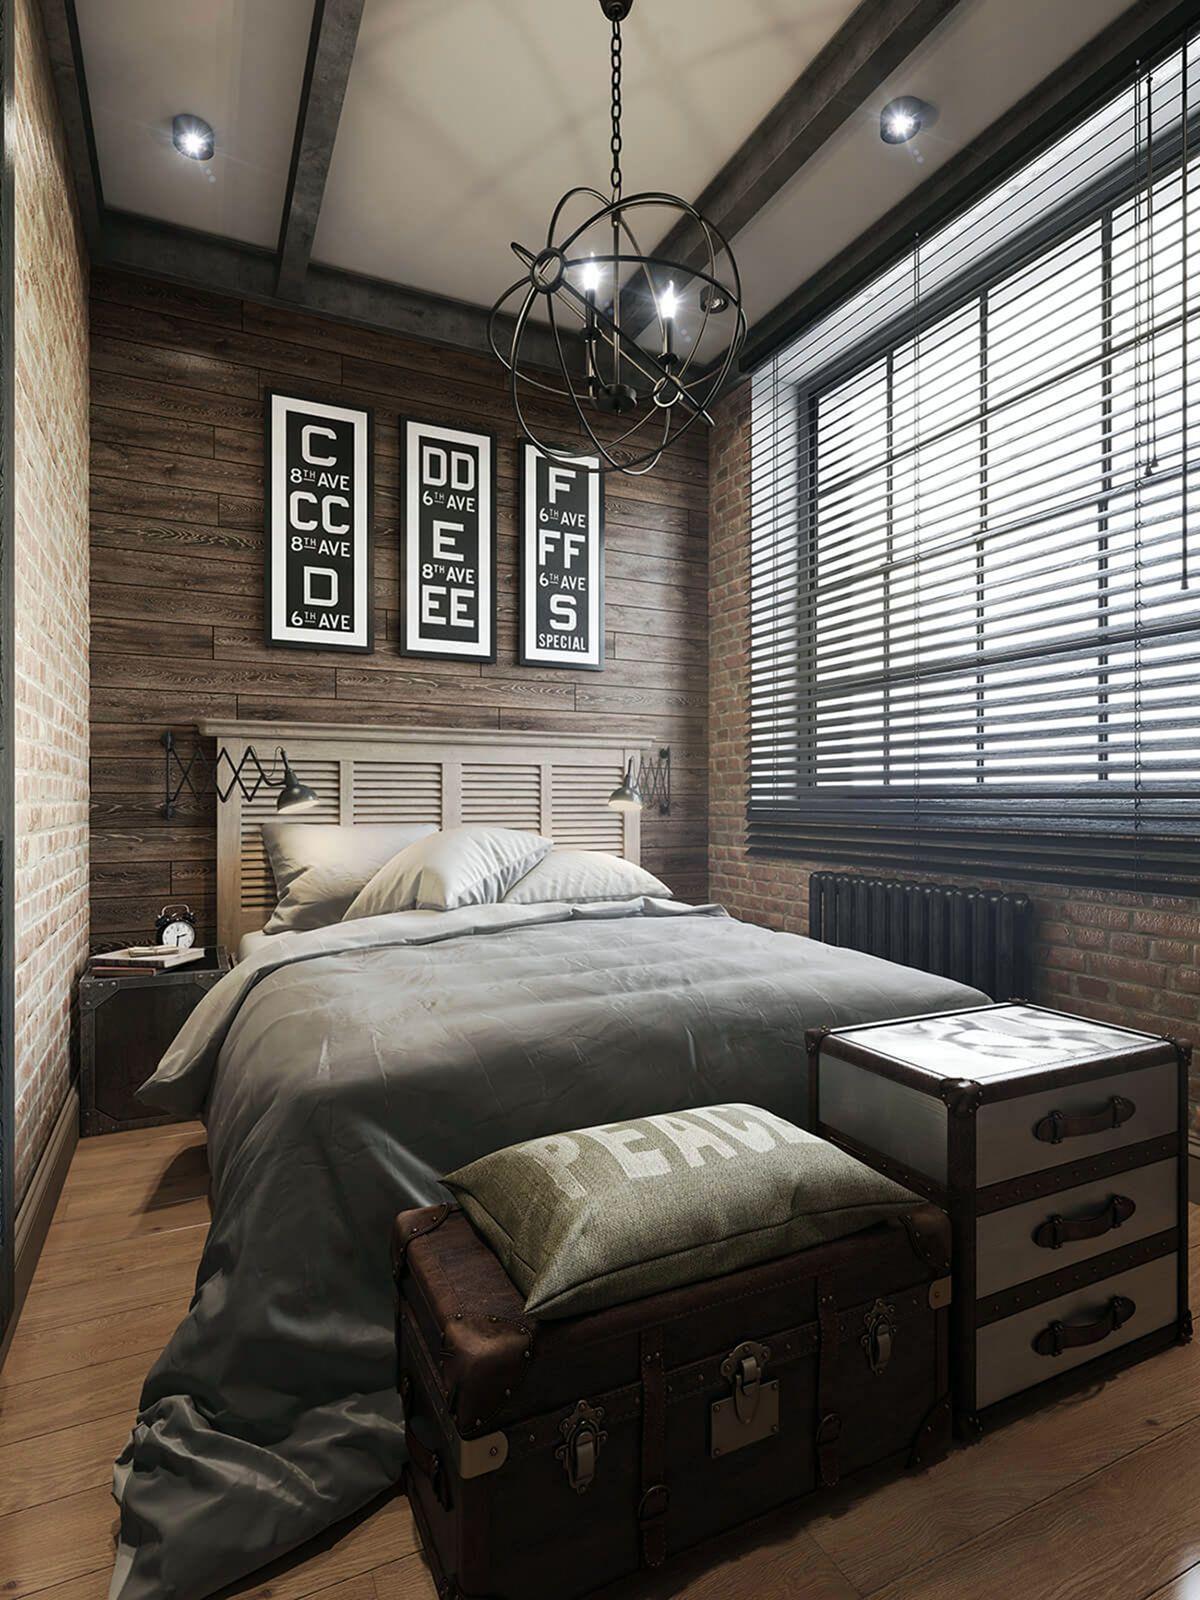 Majestic 10 Cozy Modern Industrial Bedroom Design Ideas For Cool Men S Inspiration Moder In 2020 Ideen Fur Kleine Schlafzimmer Kleines Schlafzimmer Herrenschlafzimmer